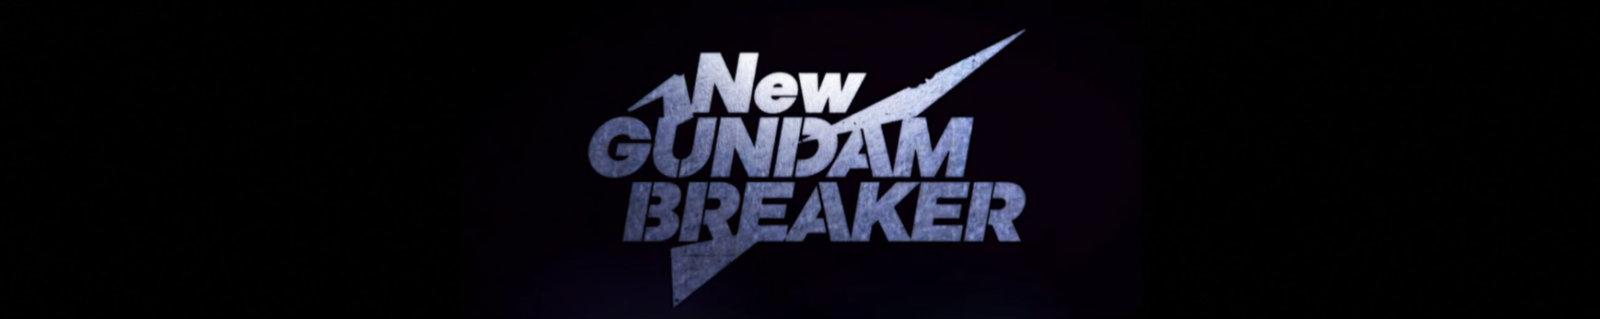 【更新试玩影像】《新高达破坏者》新在哪?制作人在采访中详细谈了谈